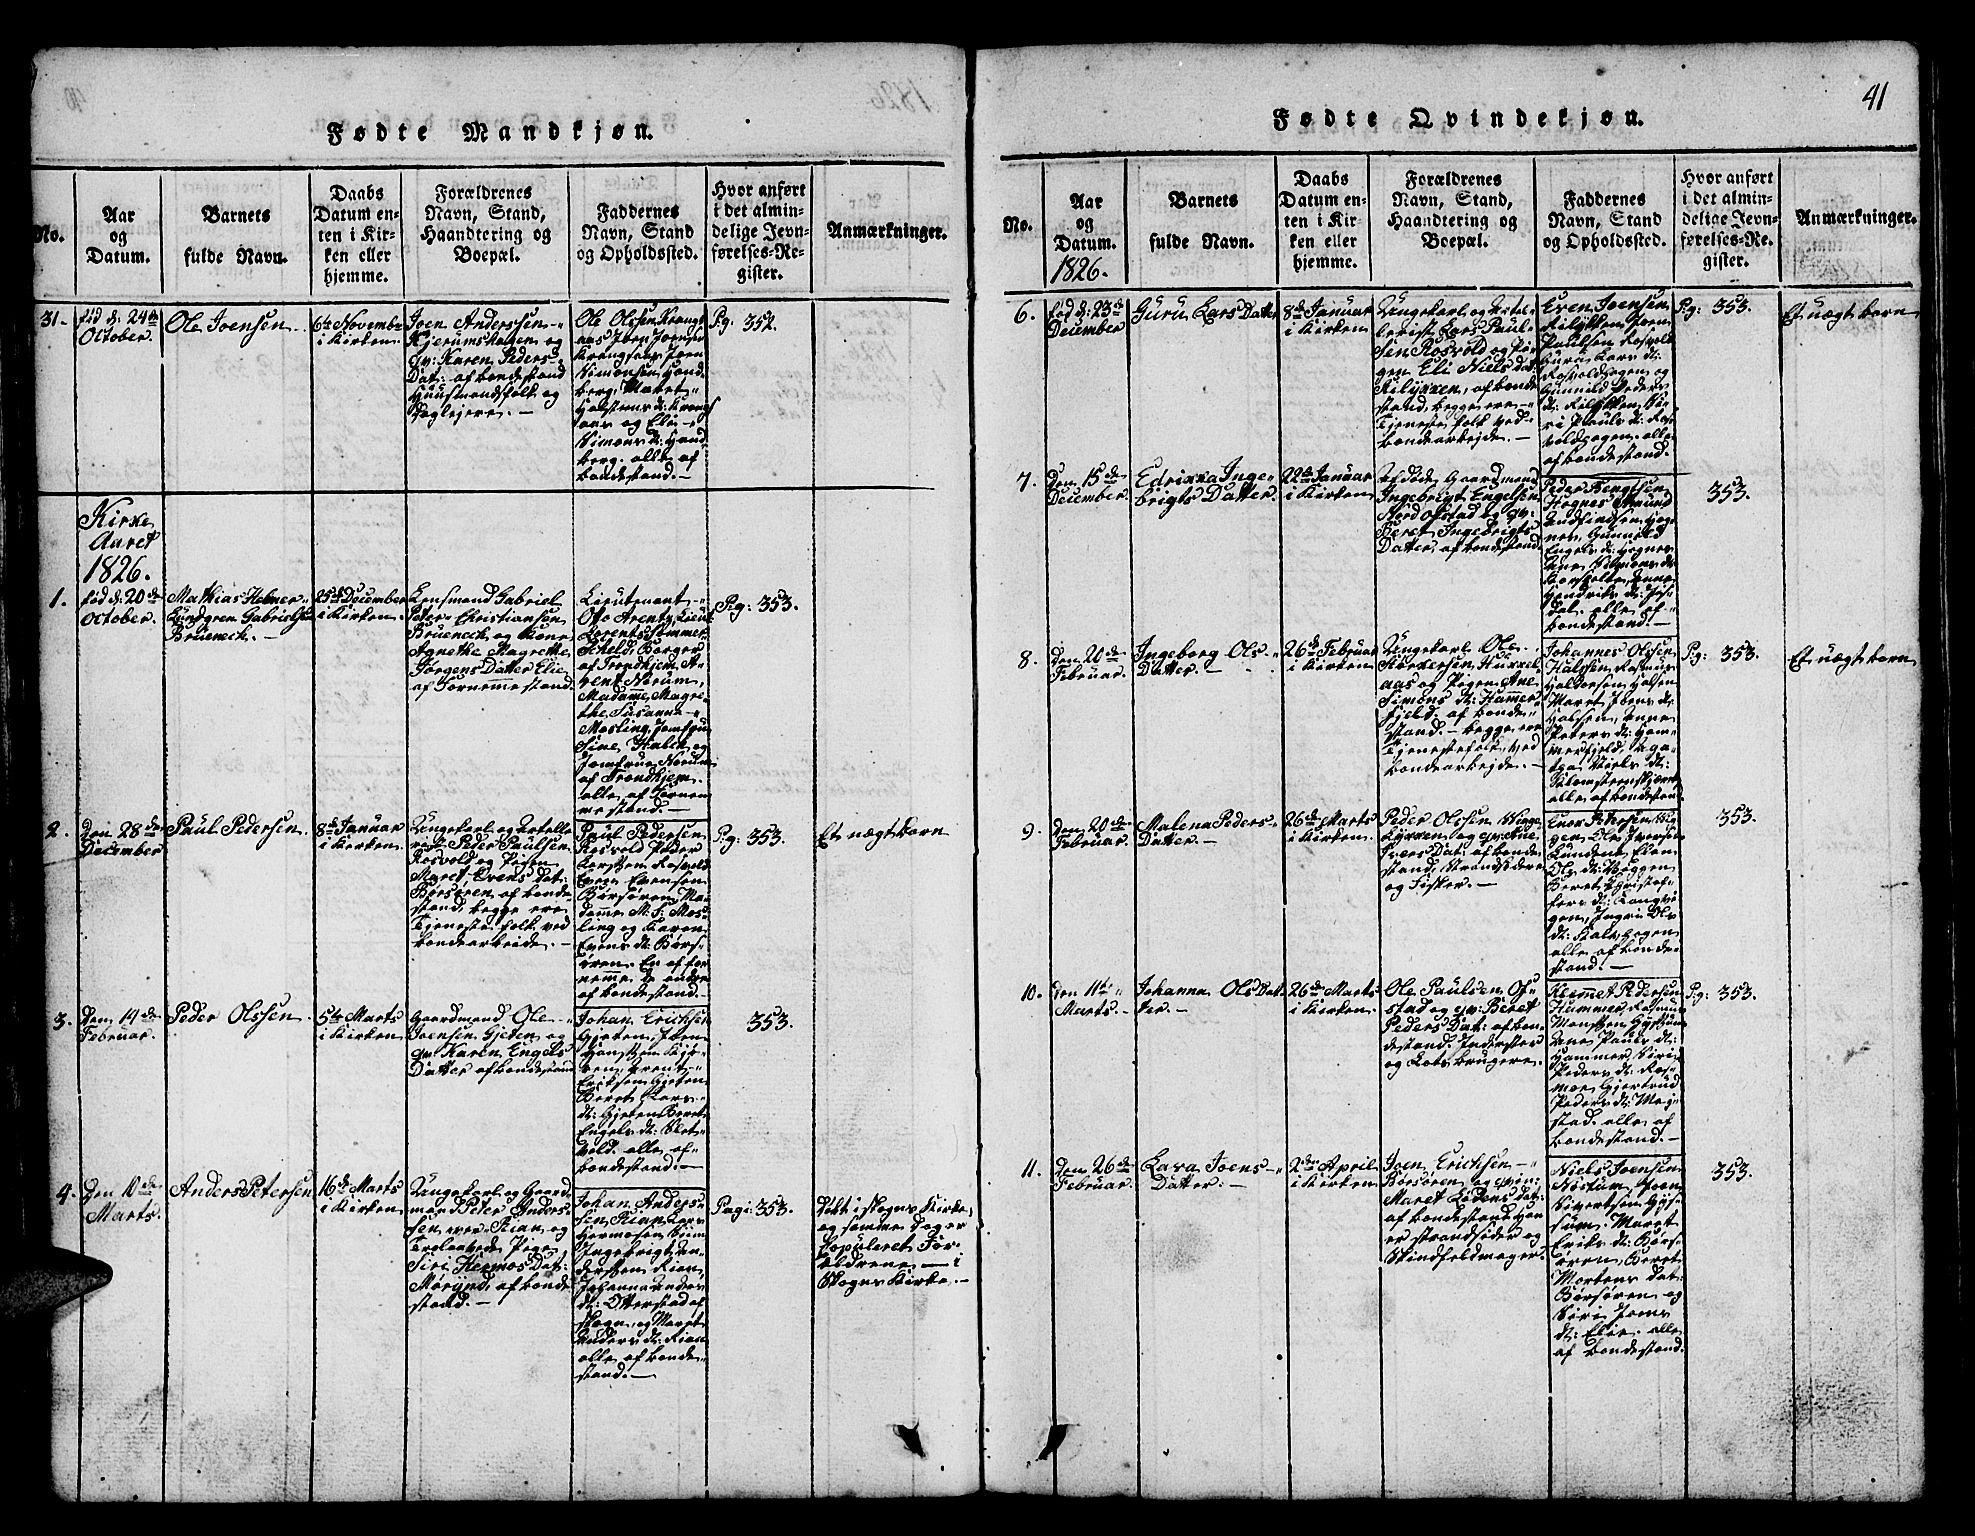 SAT, Ministerialprotokoller, klokkerbøker og fødselsregistre - Sør-Trøndelag, 665/L0776: Klokkerbok nr. 665C01, 1817-1837, s. 41